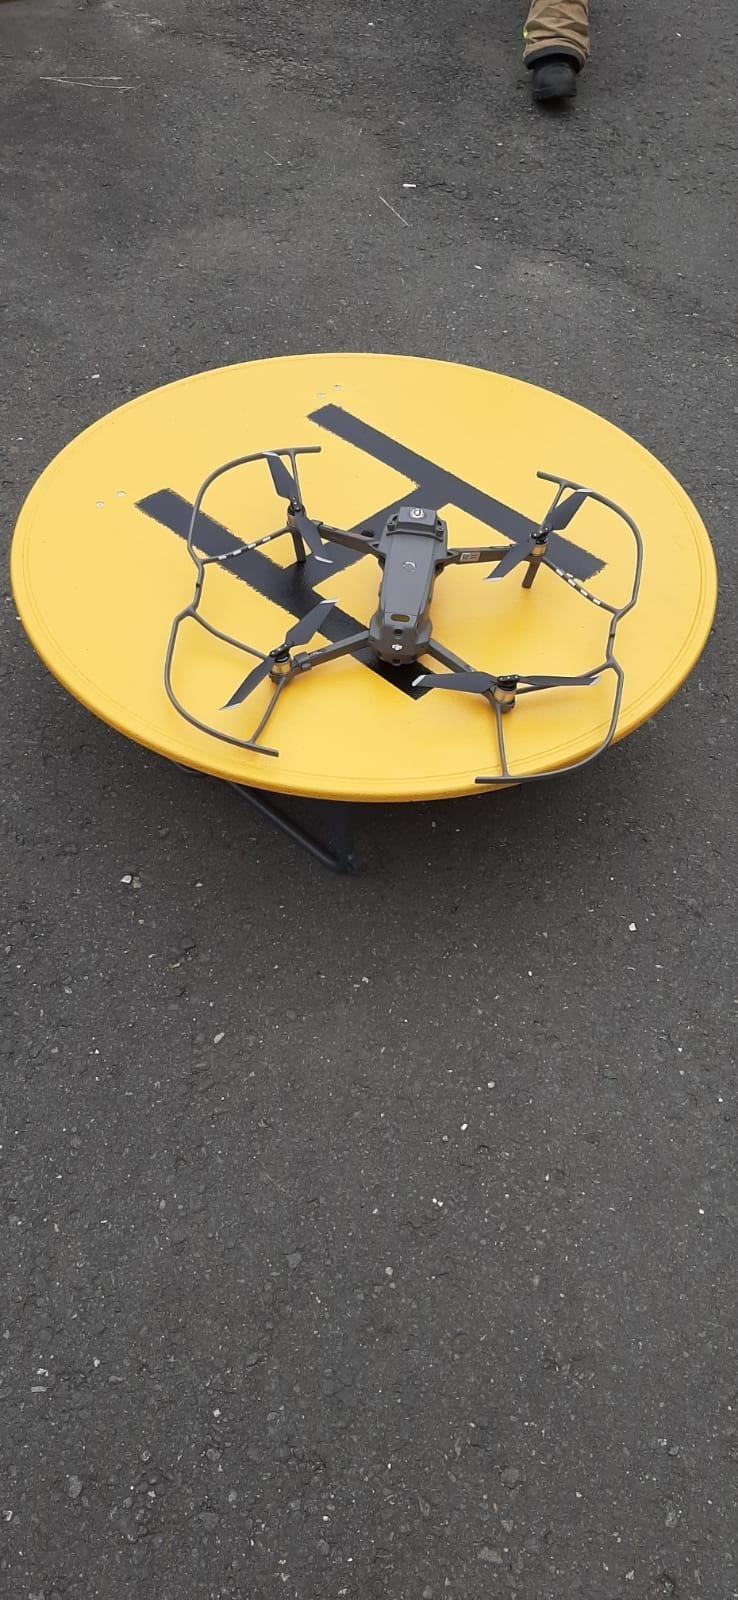 Drohneneinheit LK Greiz